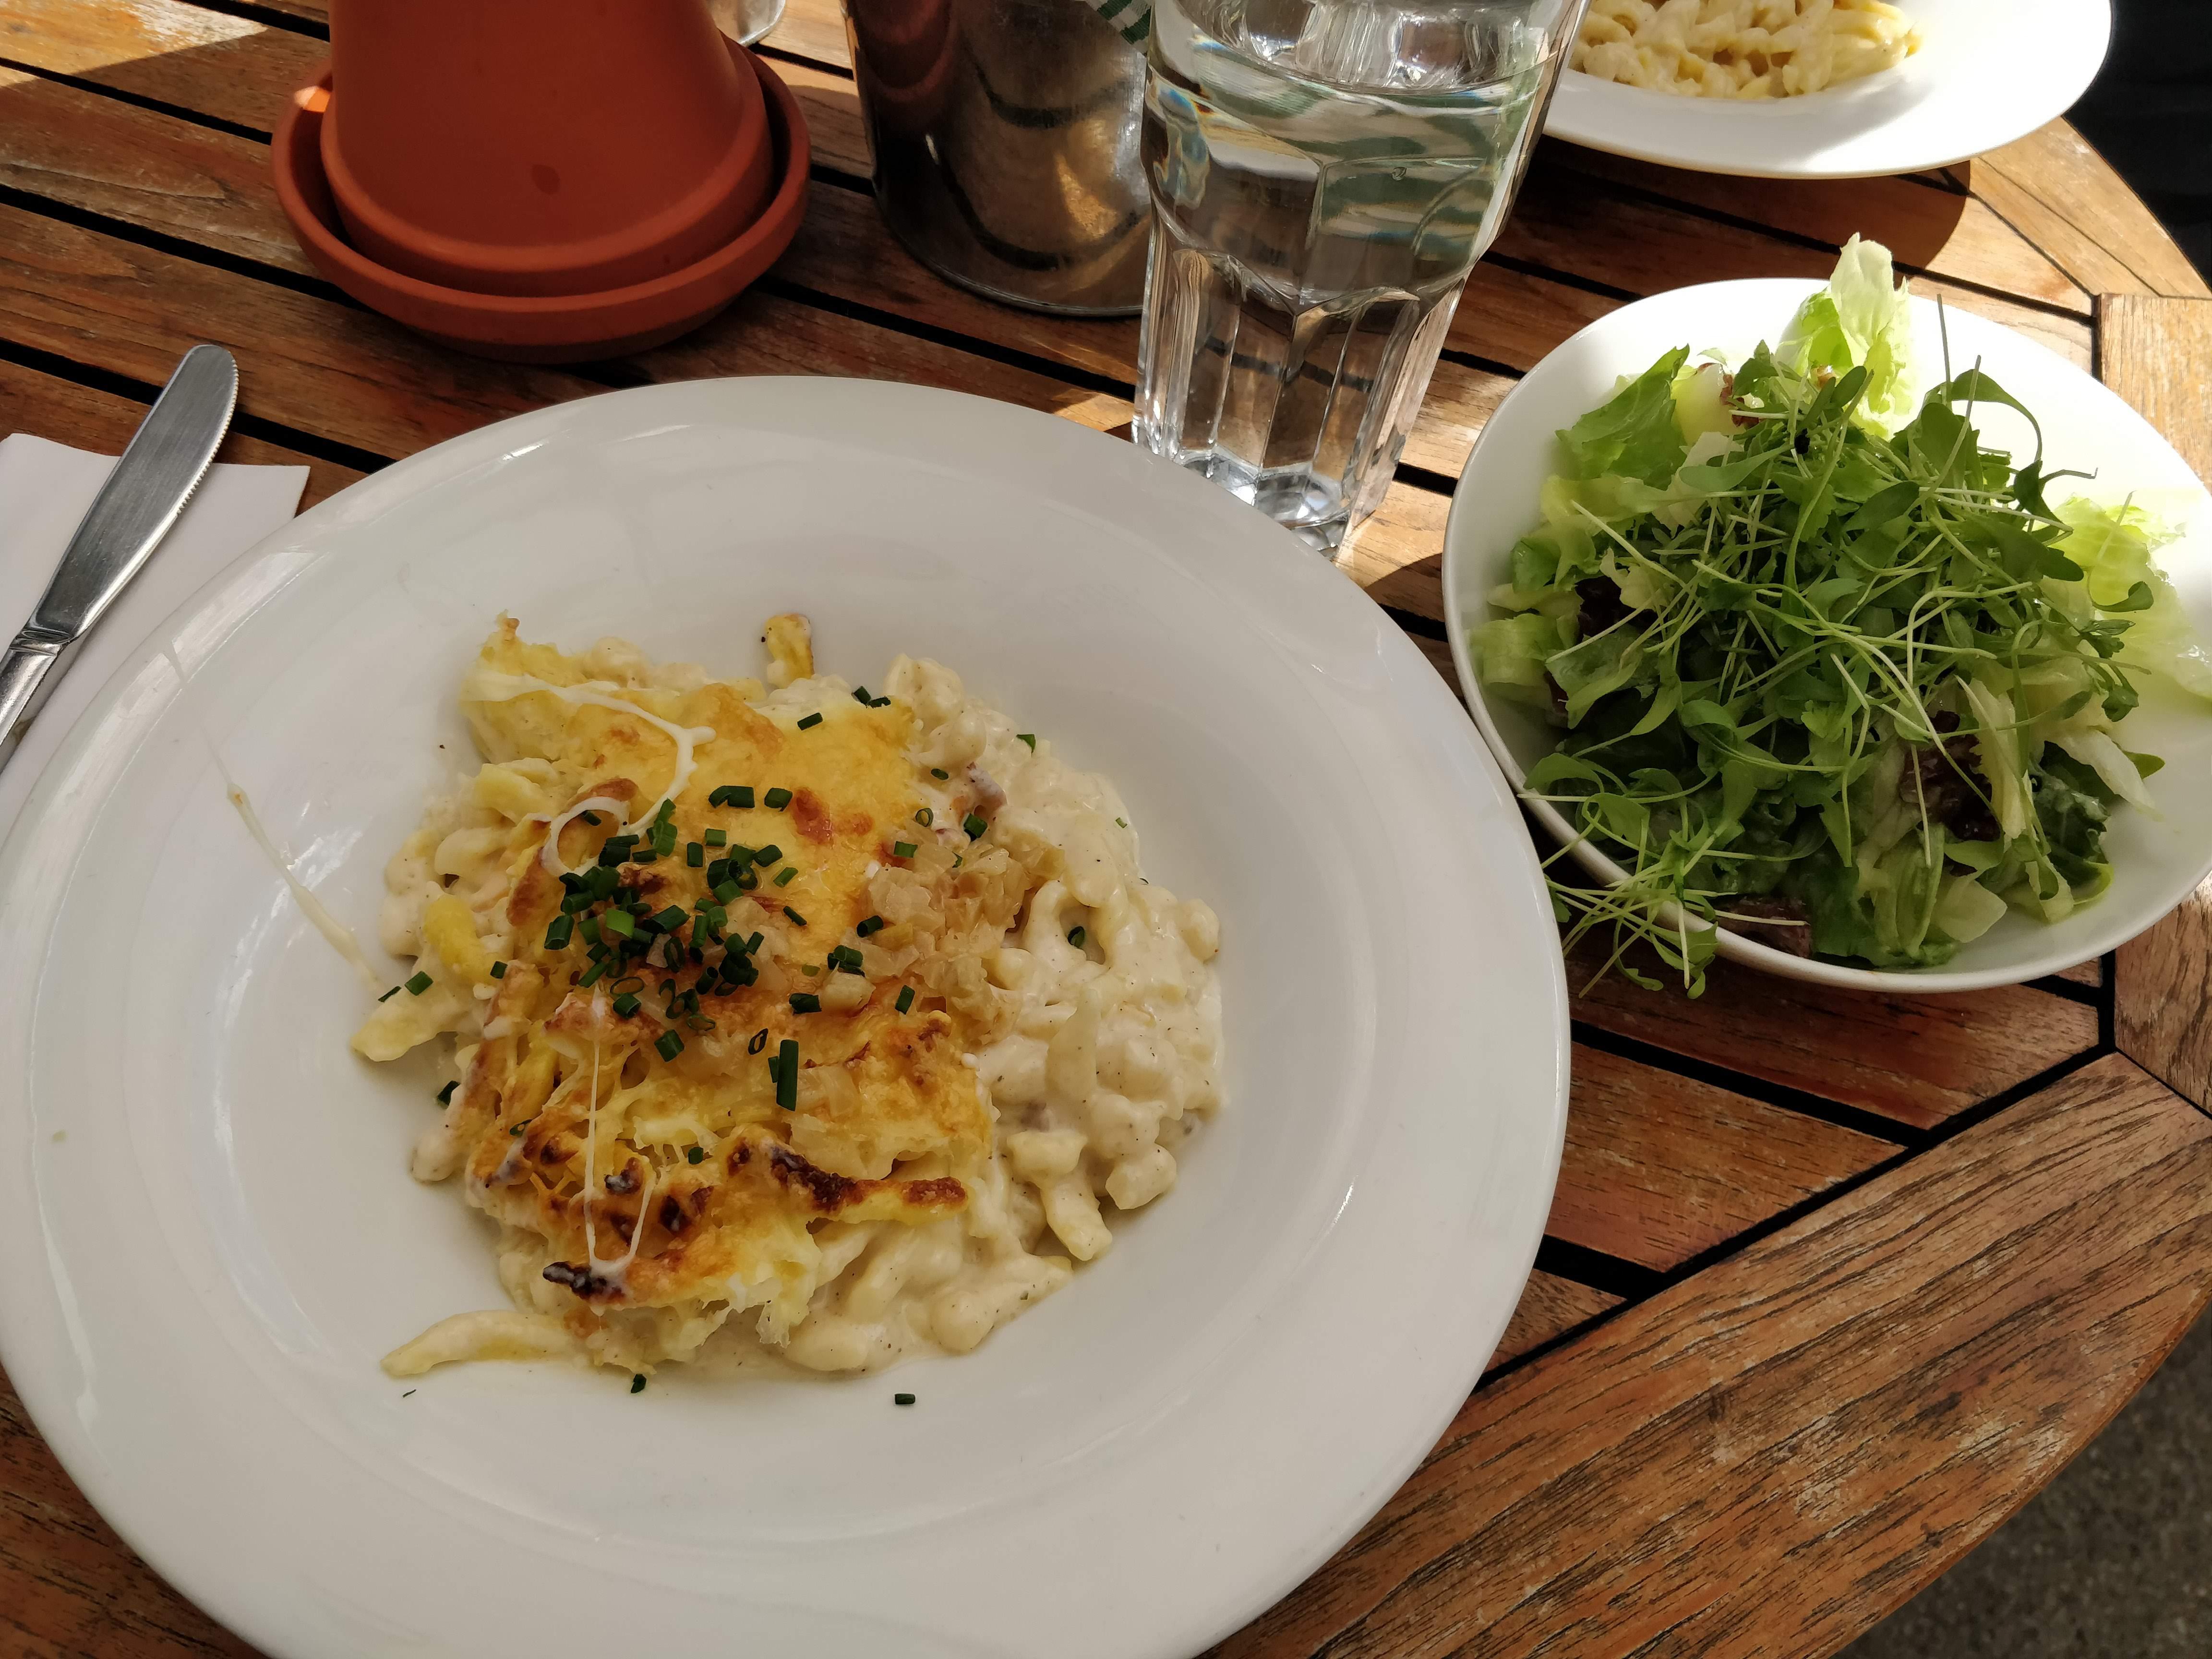 http://foodloader.net/nico_2018-08-10_kaesespaetzle-mit-salat.jpg